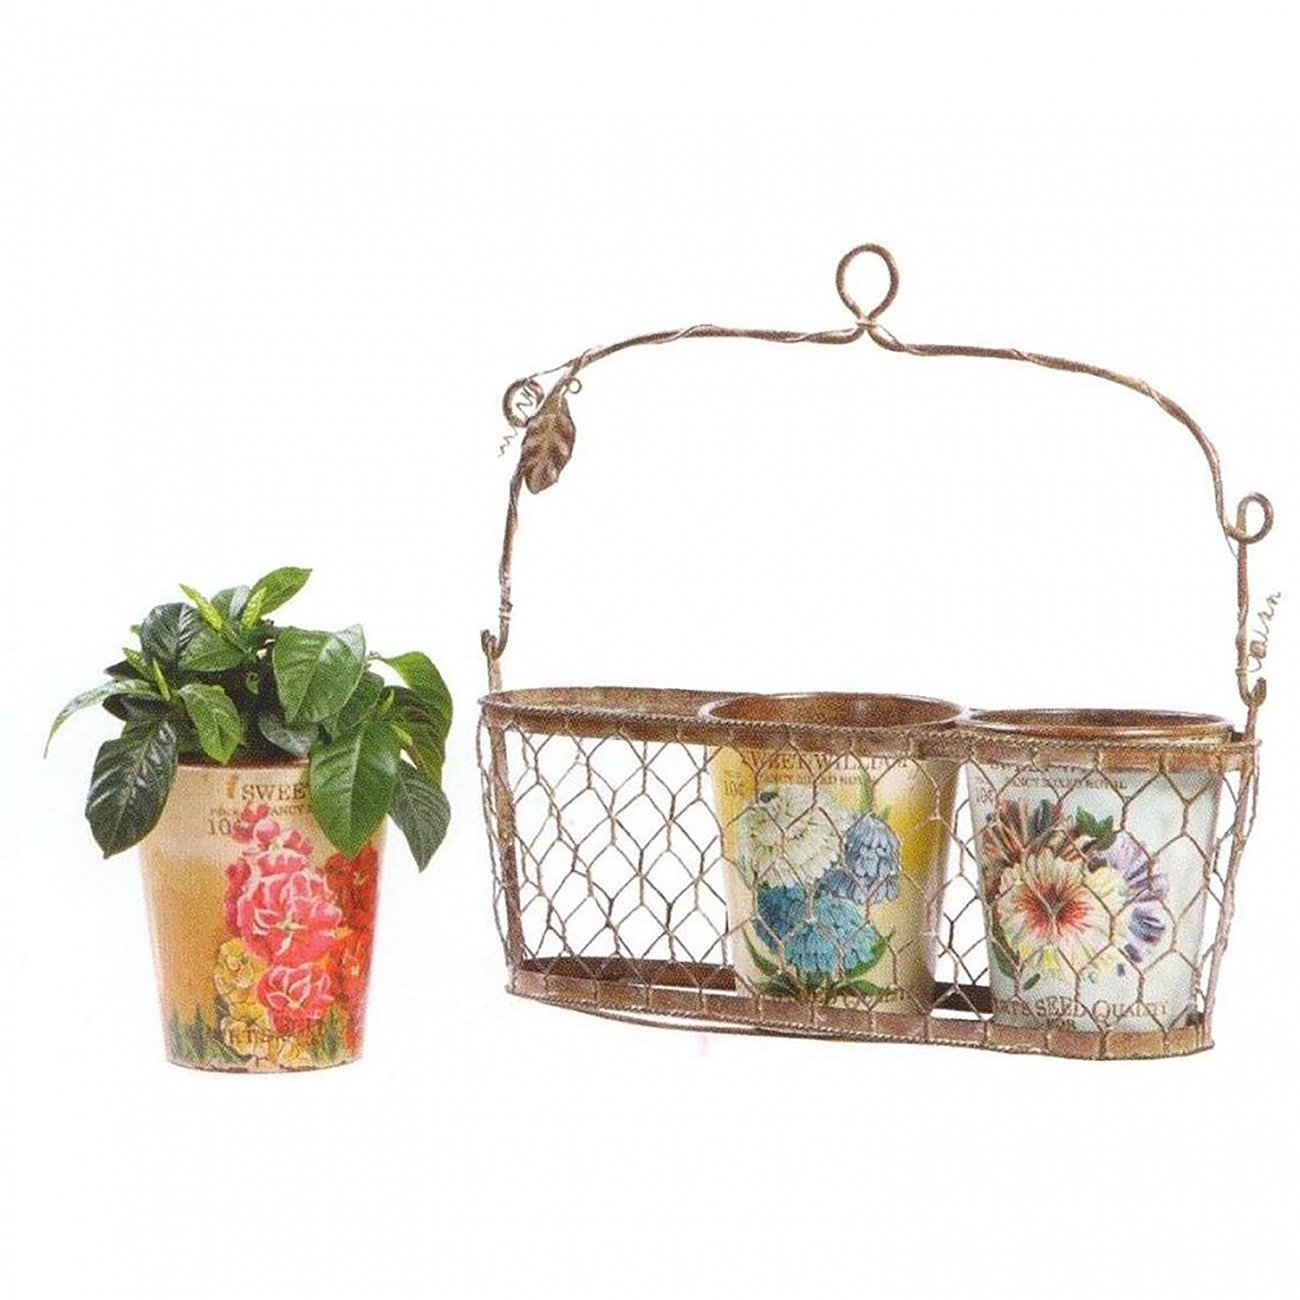 Купить Подвесная корзинка с декоративными горшками для цветов Fleurette в интернет магазине дизайнерской мебели и аксессуаров для дома и дачи